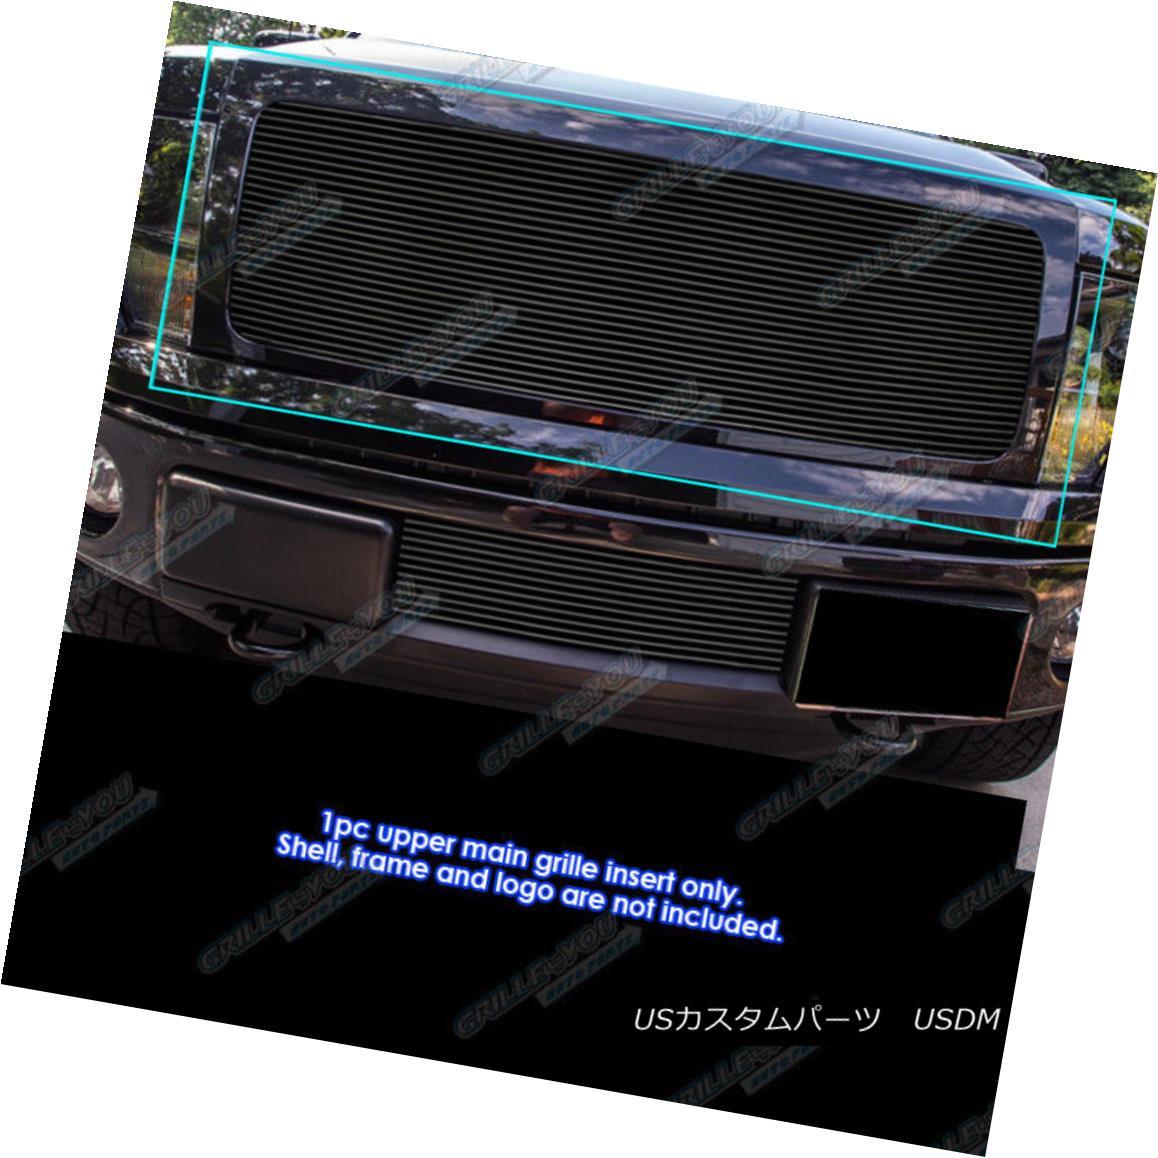 グリル Fits 2009-2014 Ford F-150 Regular Models Black Billet Grille Grill Insert フィット2009-2014フォードF - 150レギュラーモデルブラックビレットグリルグリルインサート